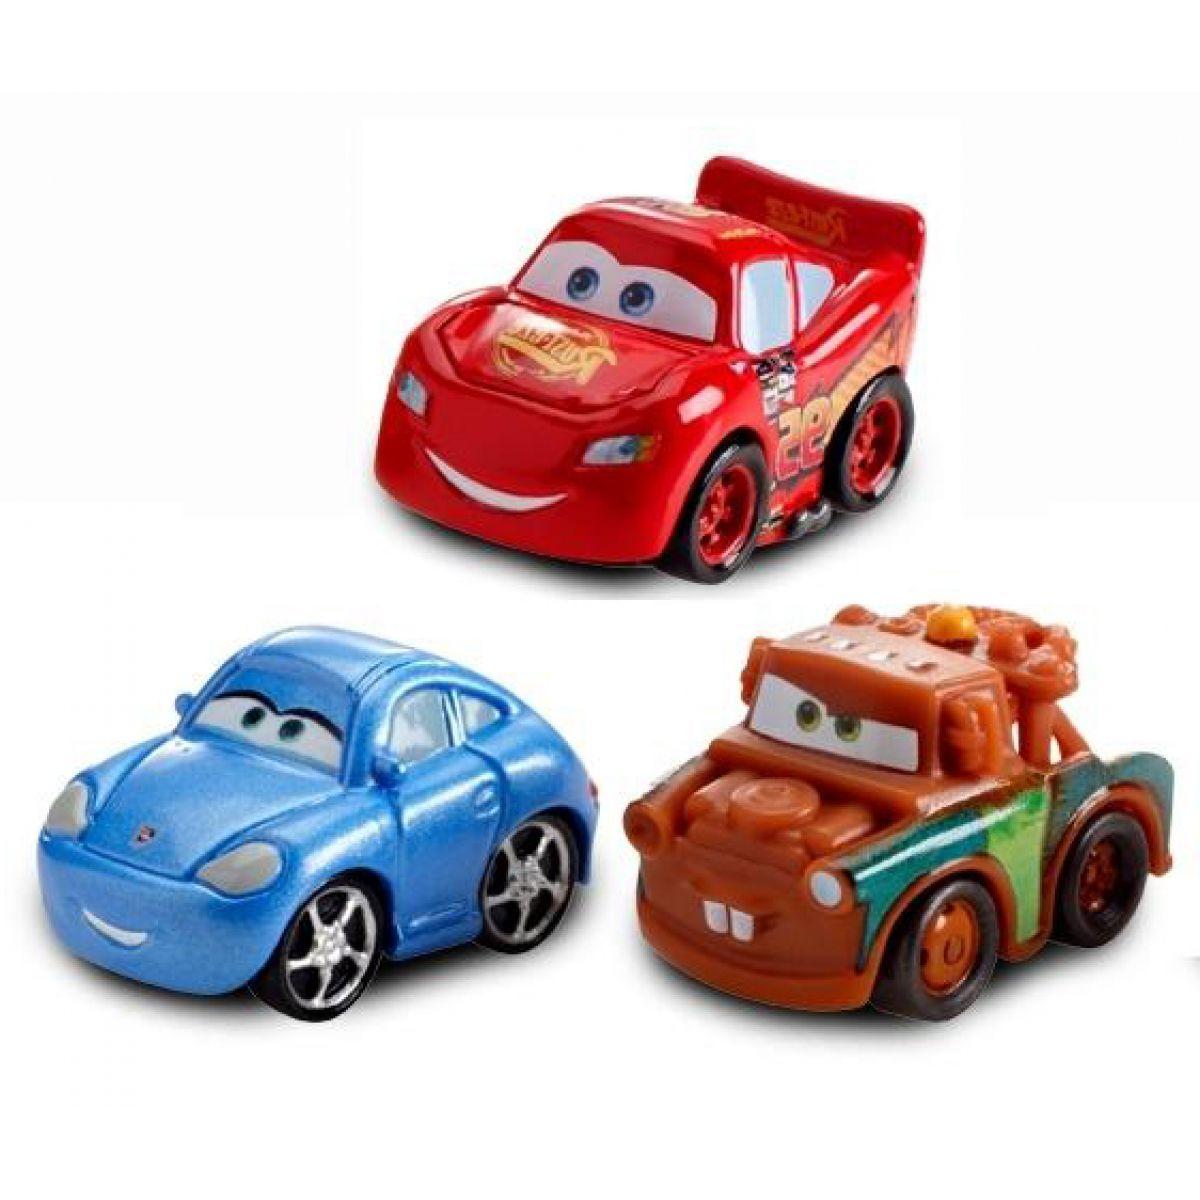 Cars Micro Drifters 3ks Mattel W7160 - Lightning McQueen, Sally, Mater